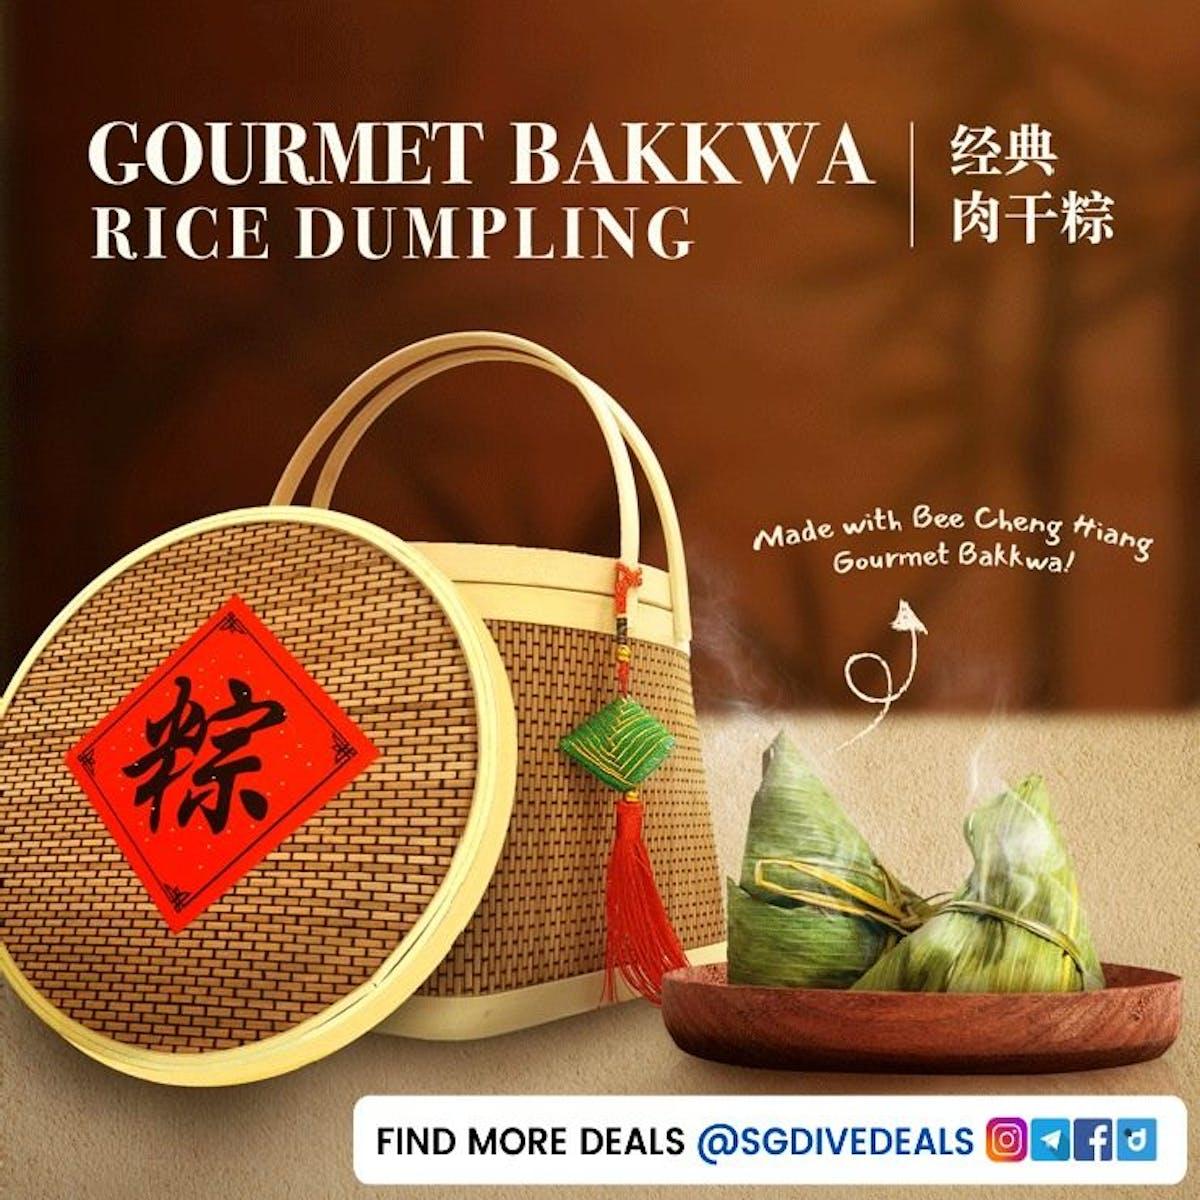 Gourmet Bakkwa Rice Dumpling